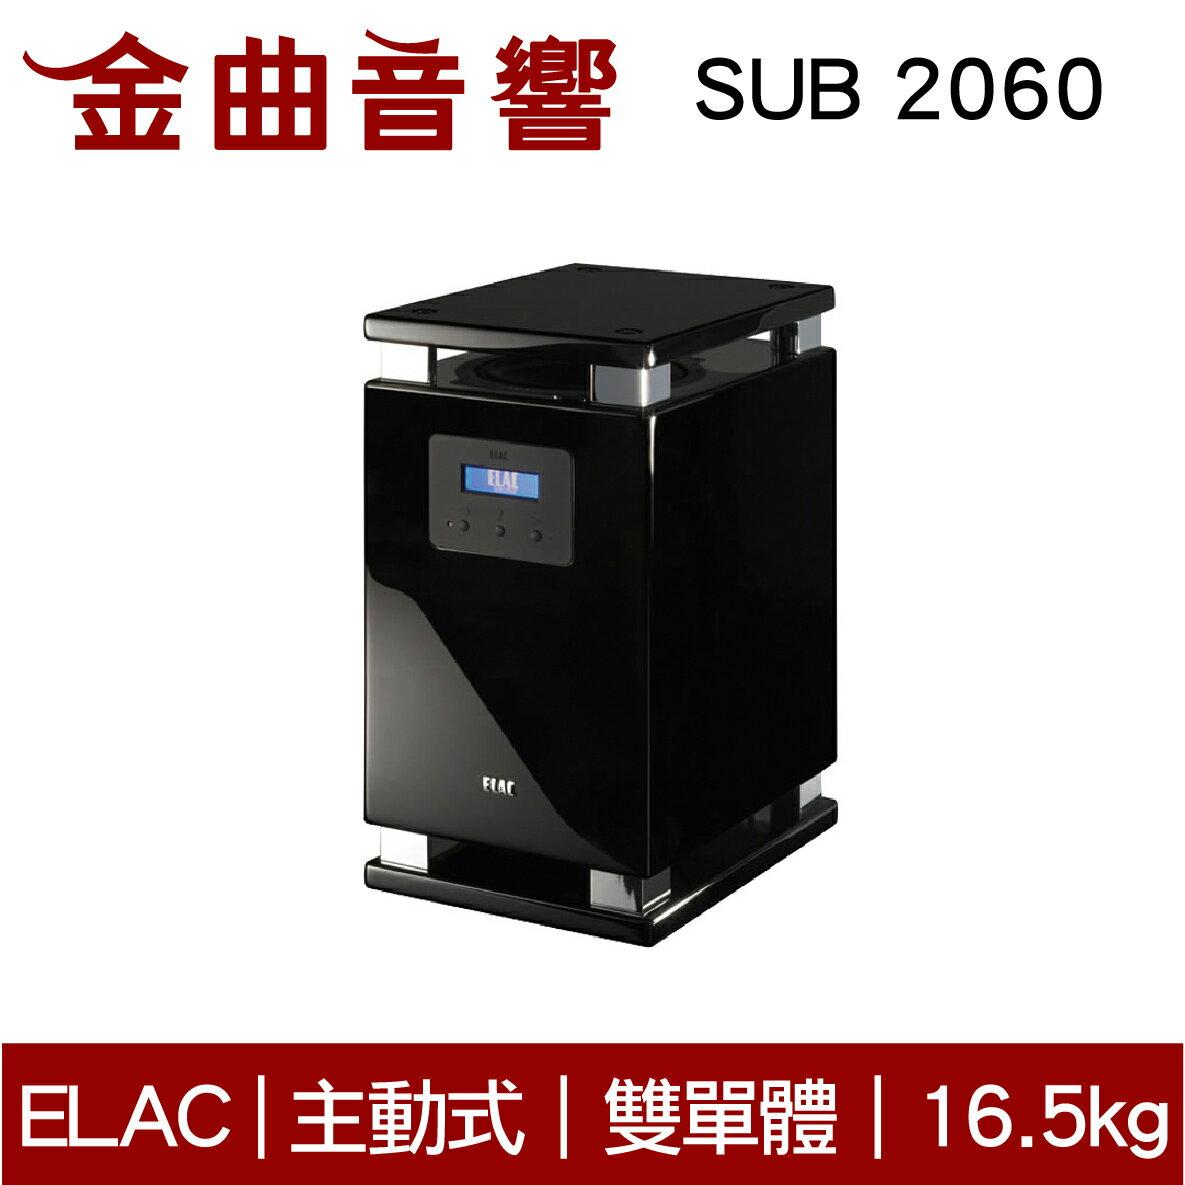 ELAC SUB 2060 7寸 頂級超低音 揚聲器 音響(單機)| 金曲音響